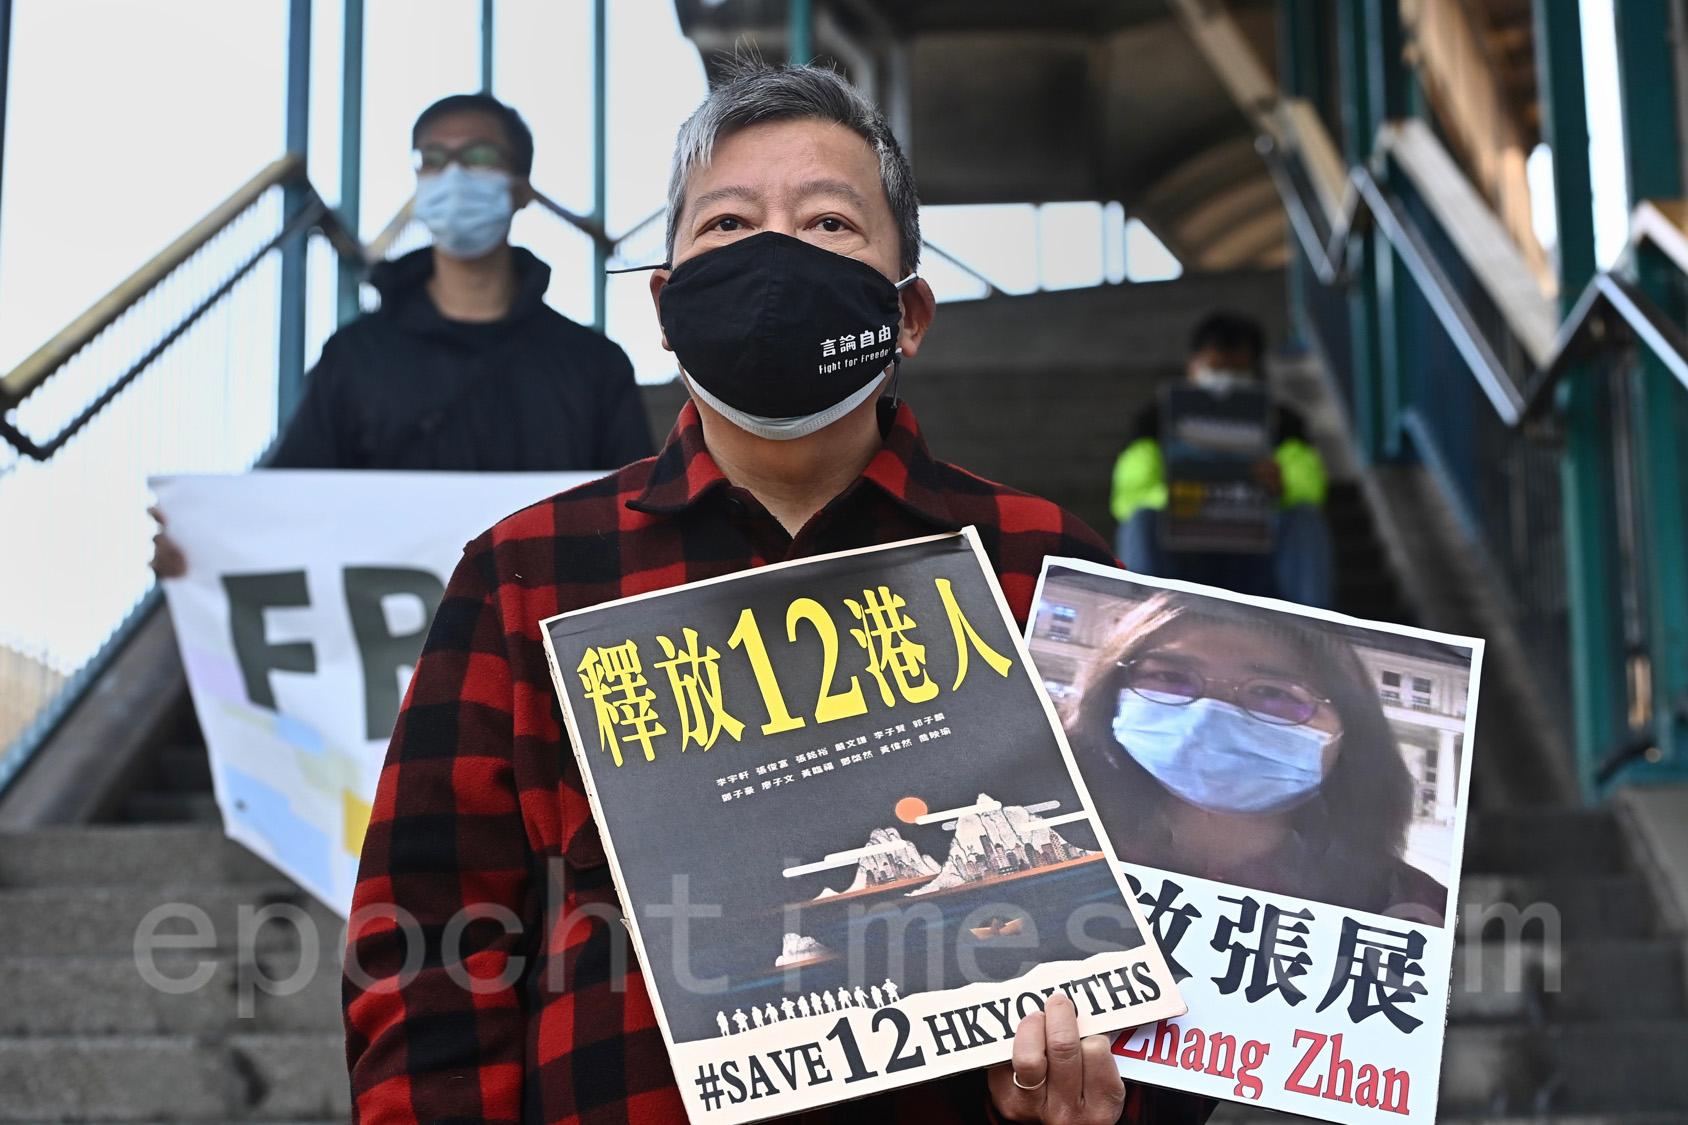 在流亡台灣途中被大陸海警截獲的12名香港抗爭者,被送中扣押在深圳。圖為2020年12月28日,港支聯會前往中聯辦,籲釋放12港人。(宋碧龍/大紀元)